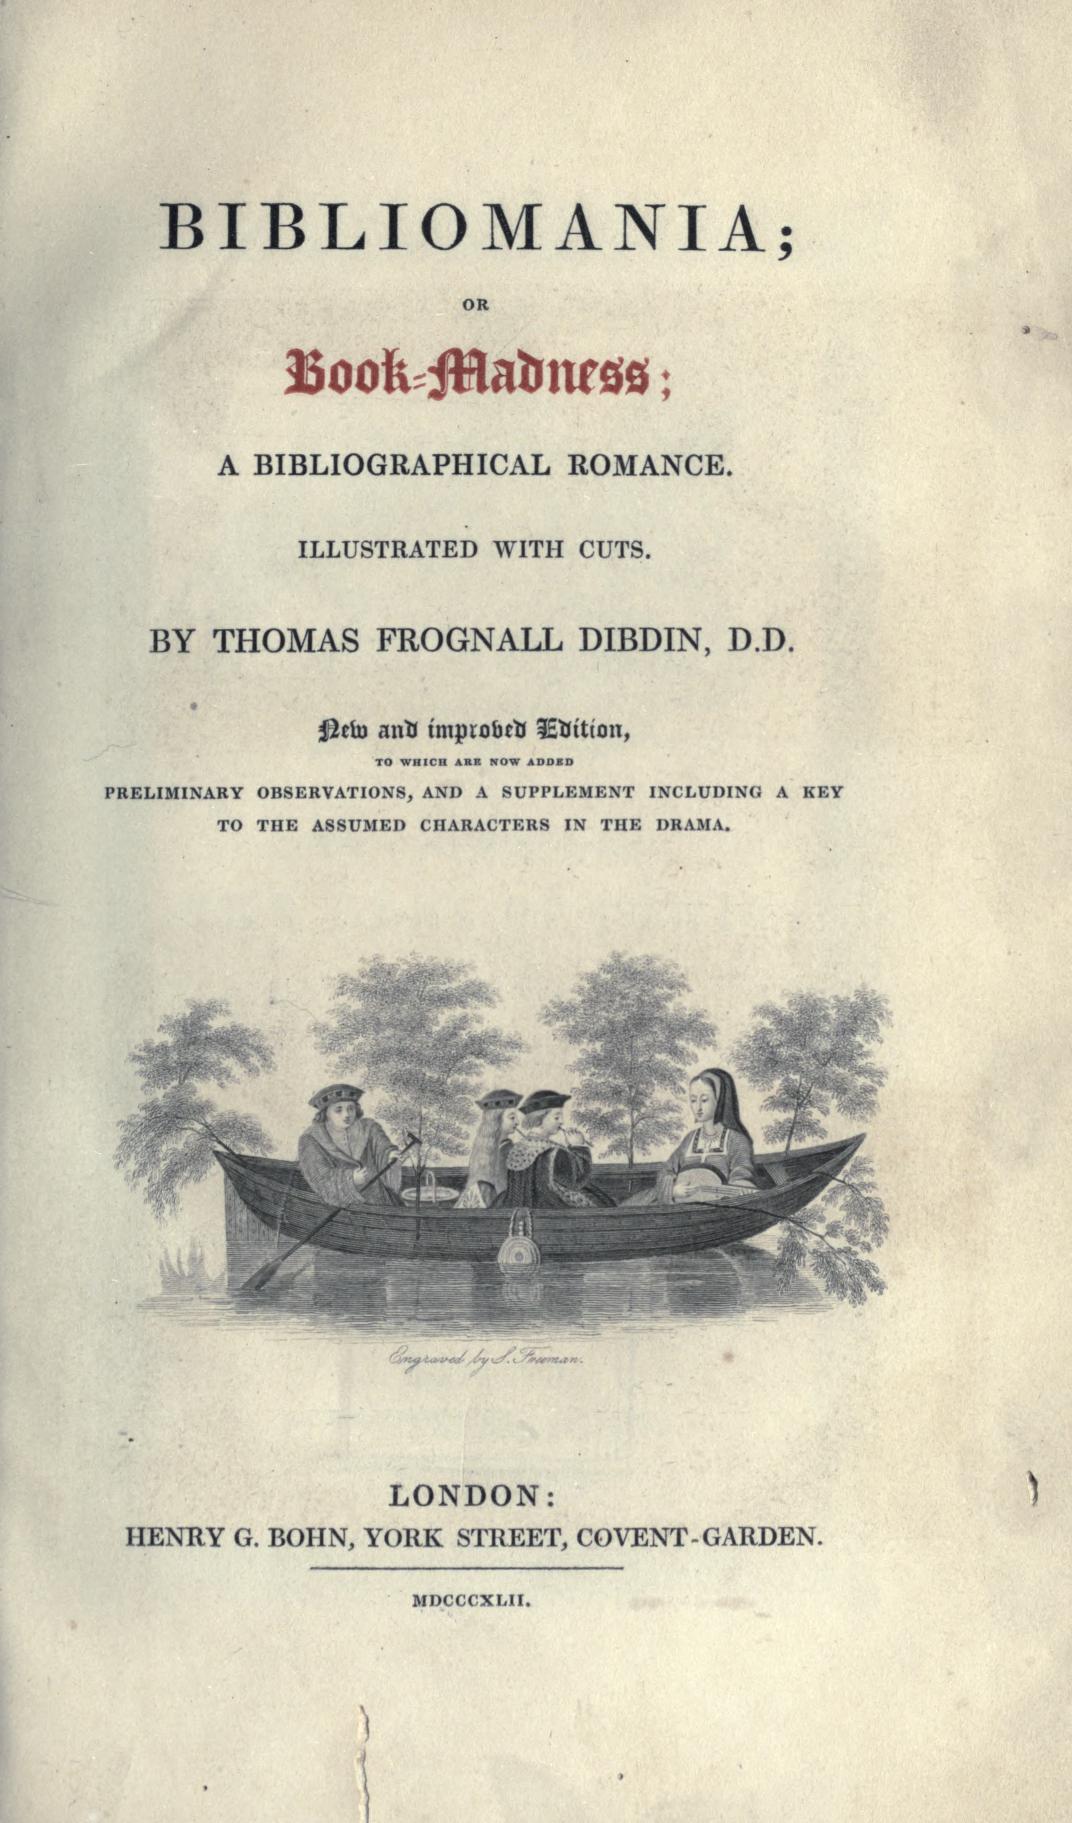 Book cover of Bibliomania (1842) by Thomas Frognall Dibdin, self-confessed bibliomaniac